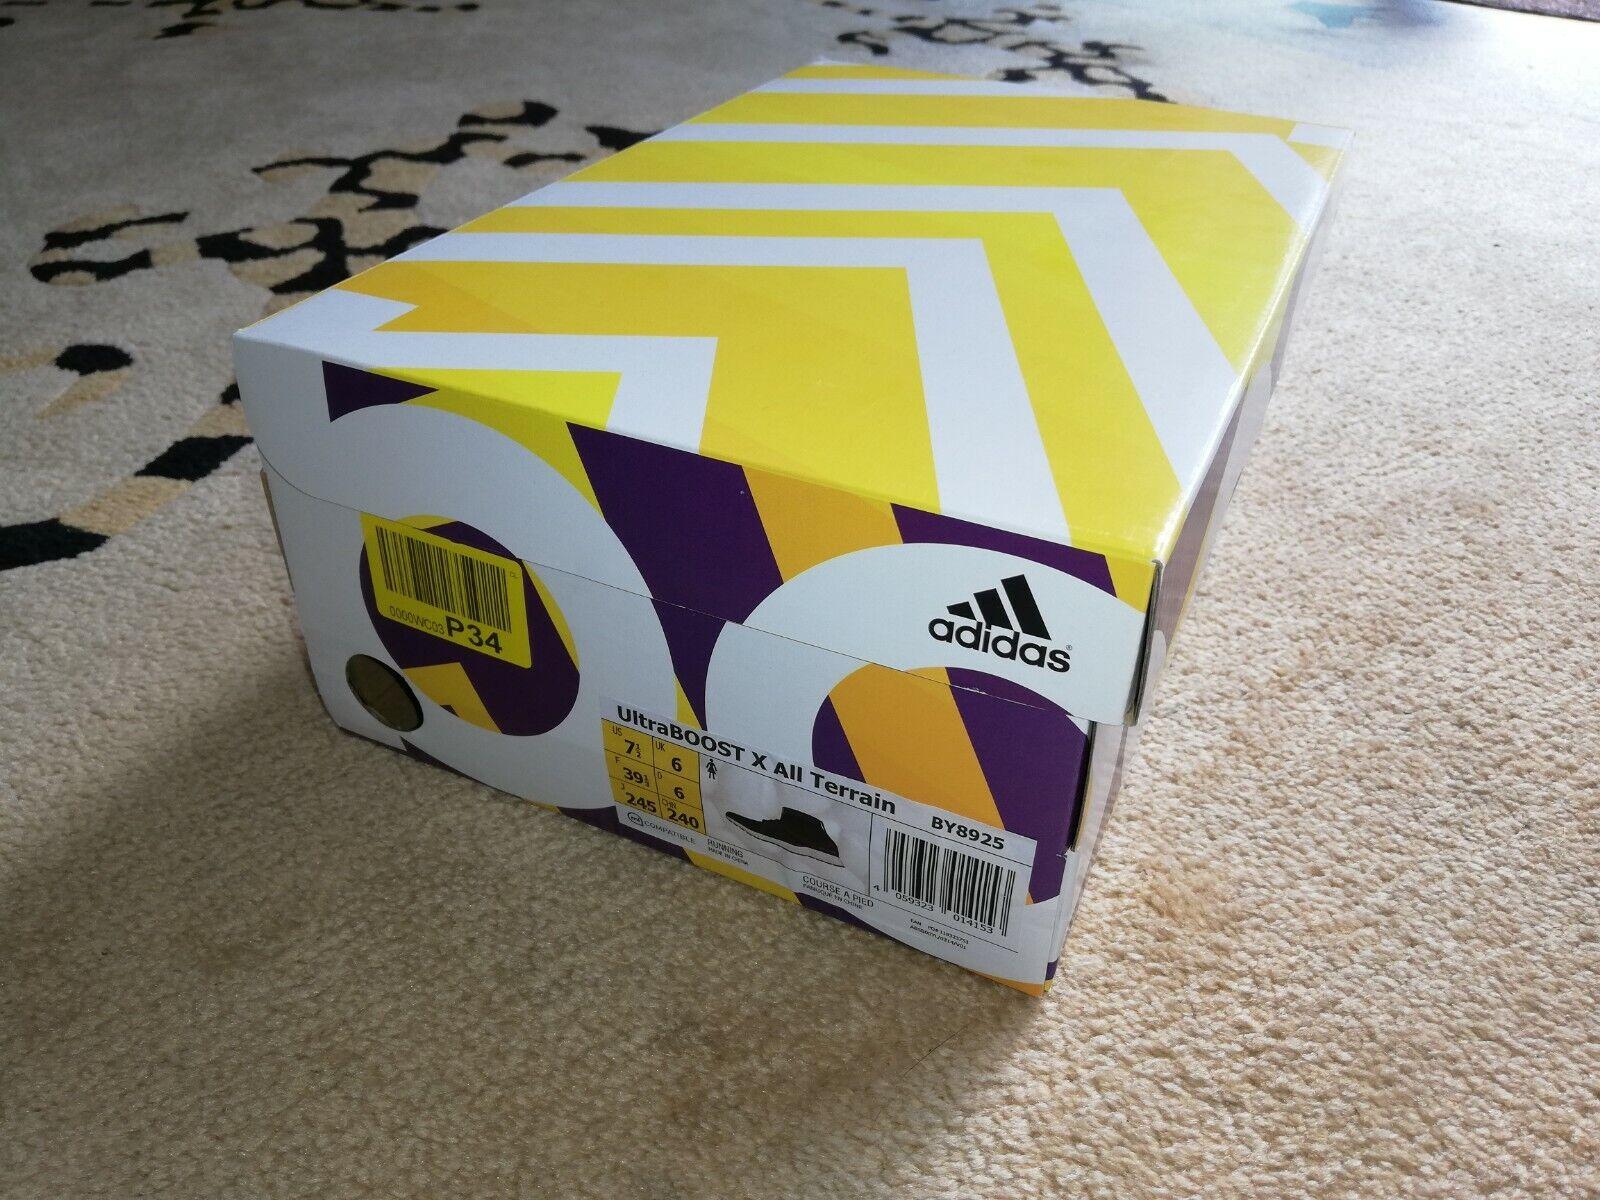 Adidas Ultra Boost X All Terrain Terrain Terrain Größe 39 1 3 65a5b2